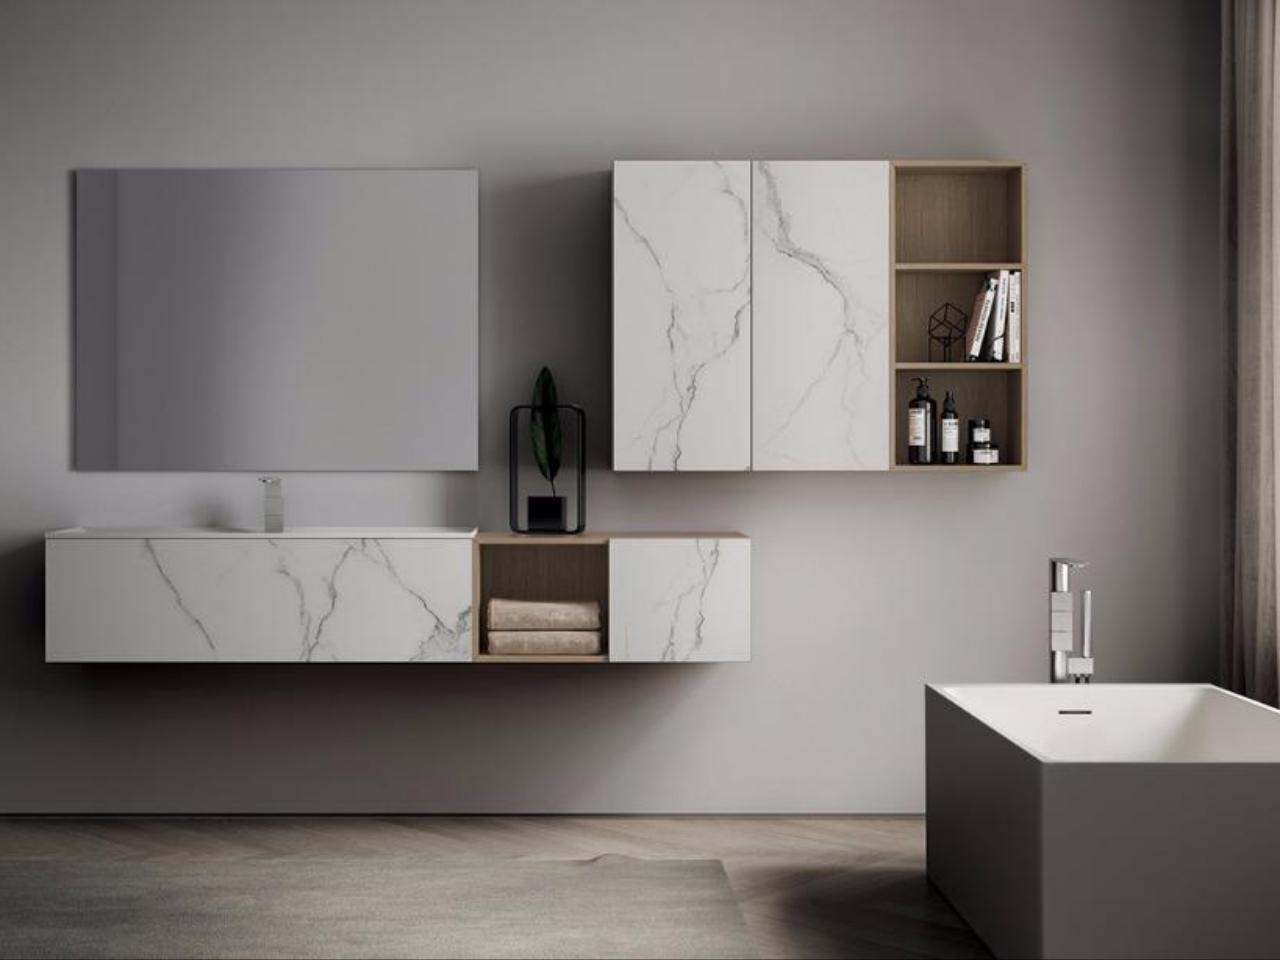 Mobili Da Bagno Design : Dogma la nuova linea di mobili da bagno firmata aqua by ideagroup